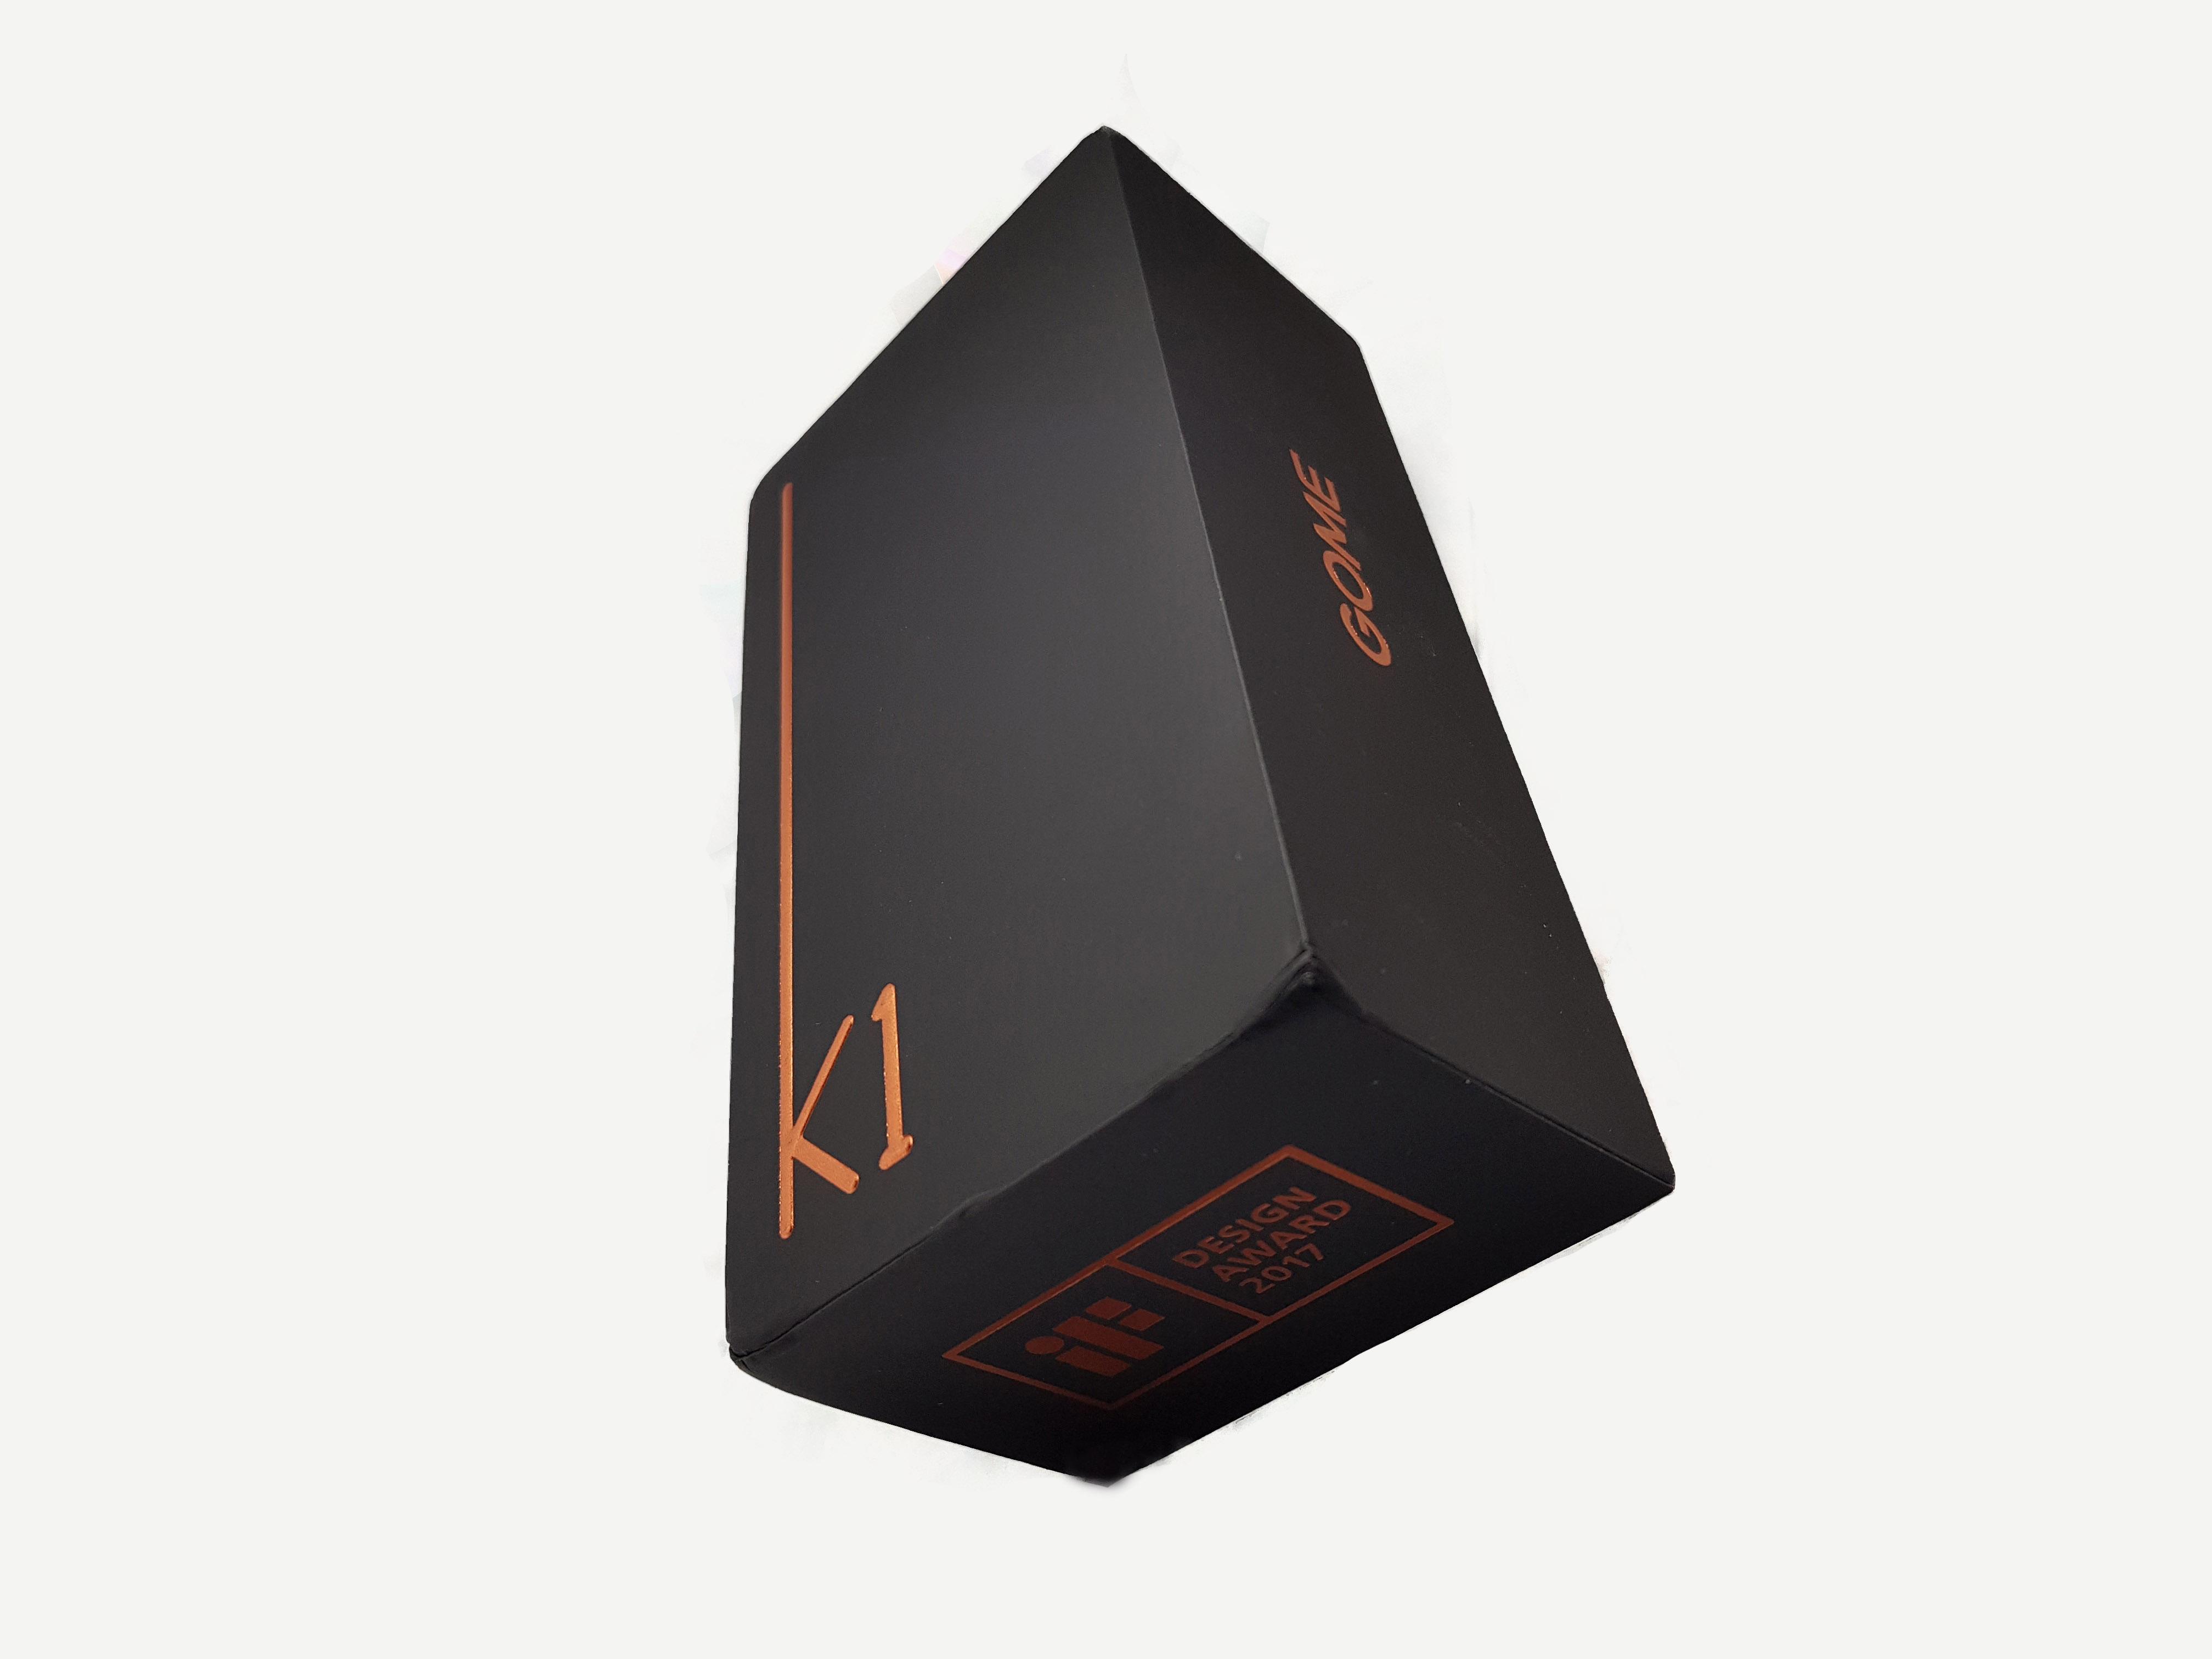 Gome K1 10